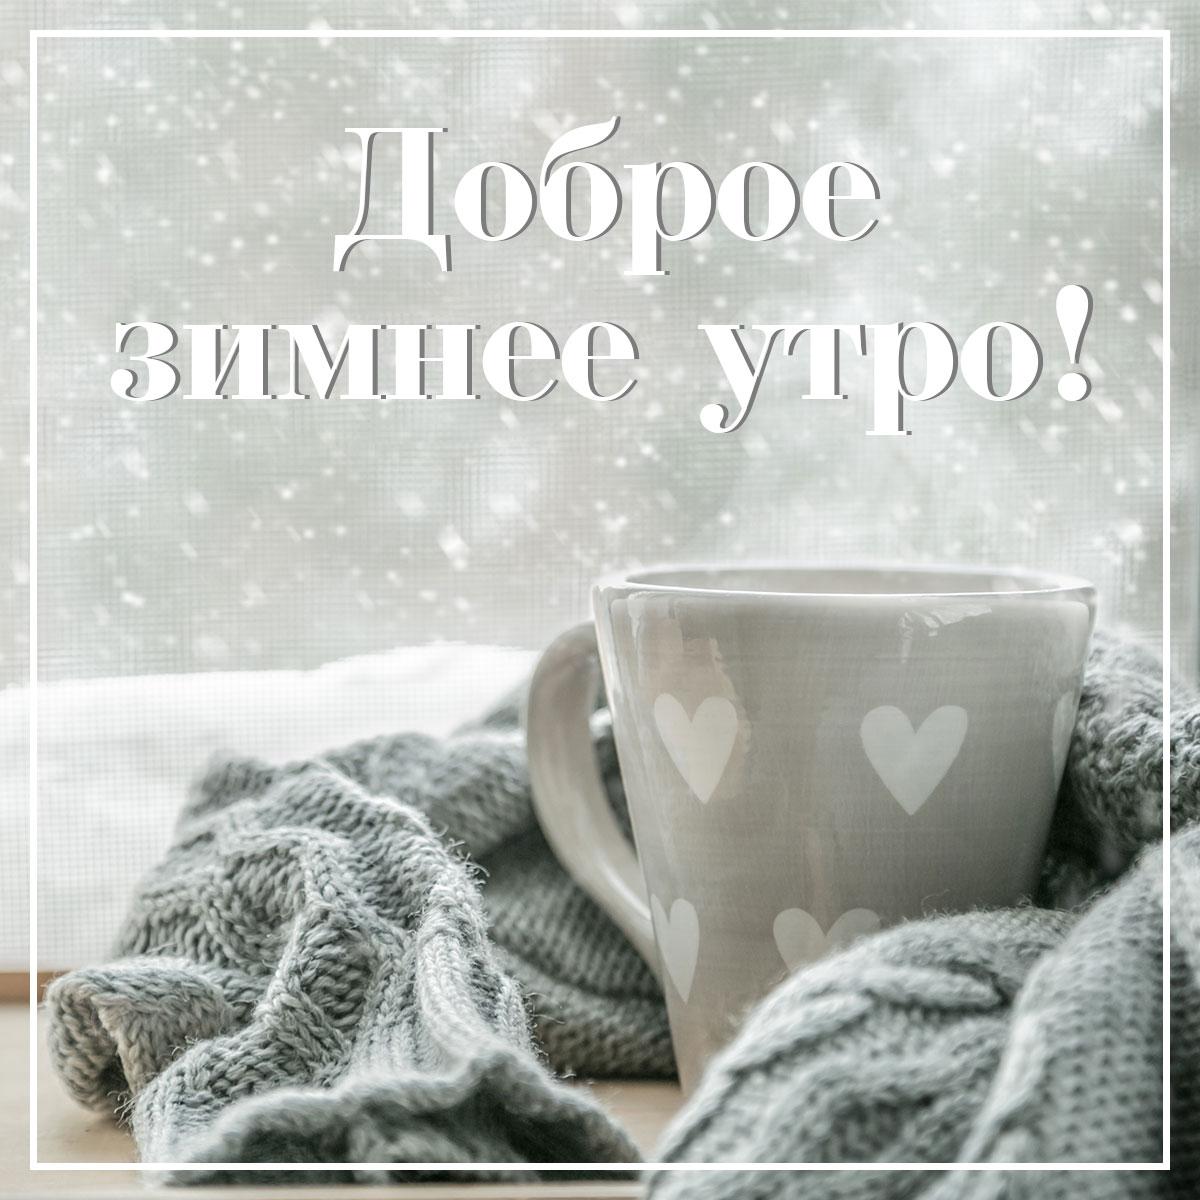 Серая чайная кружка и вязаный шарф на фоне окна со снегопадом.